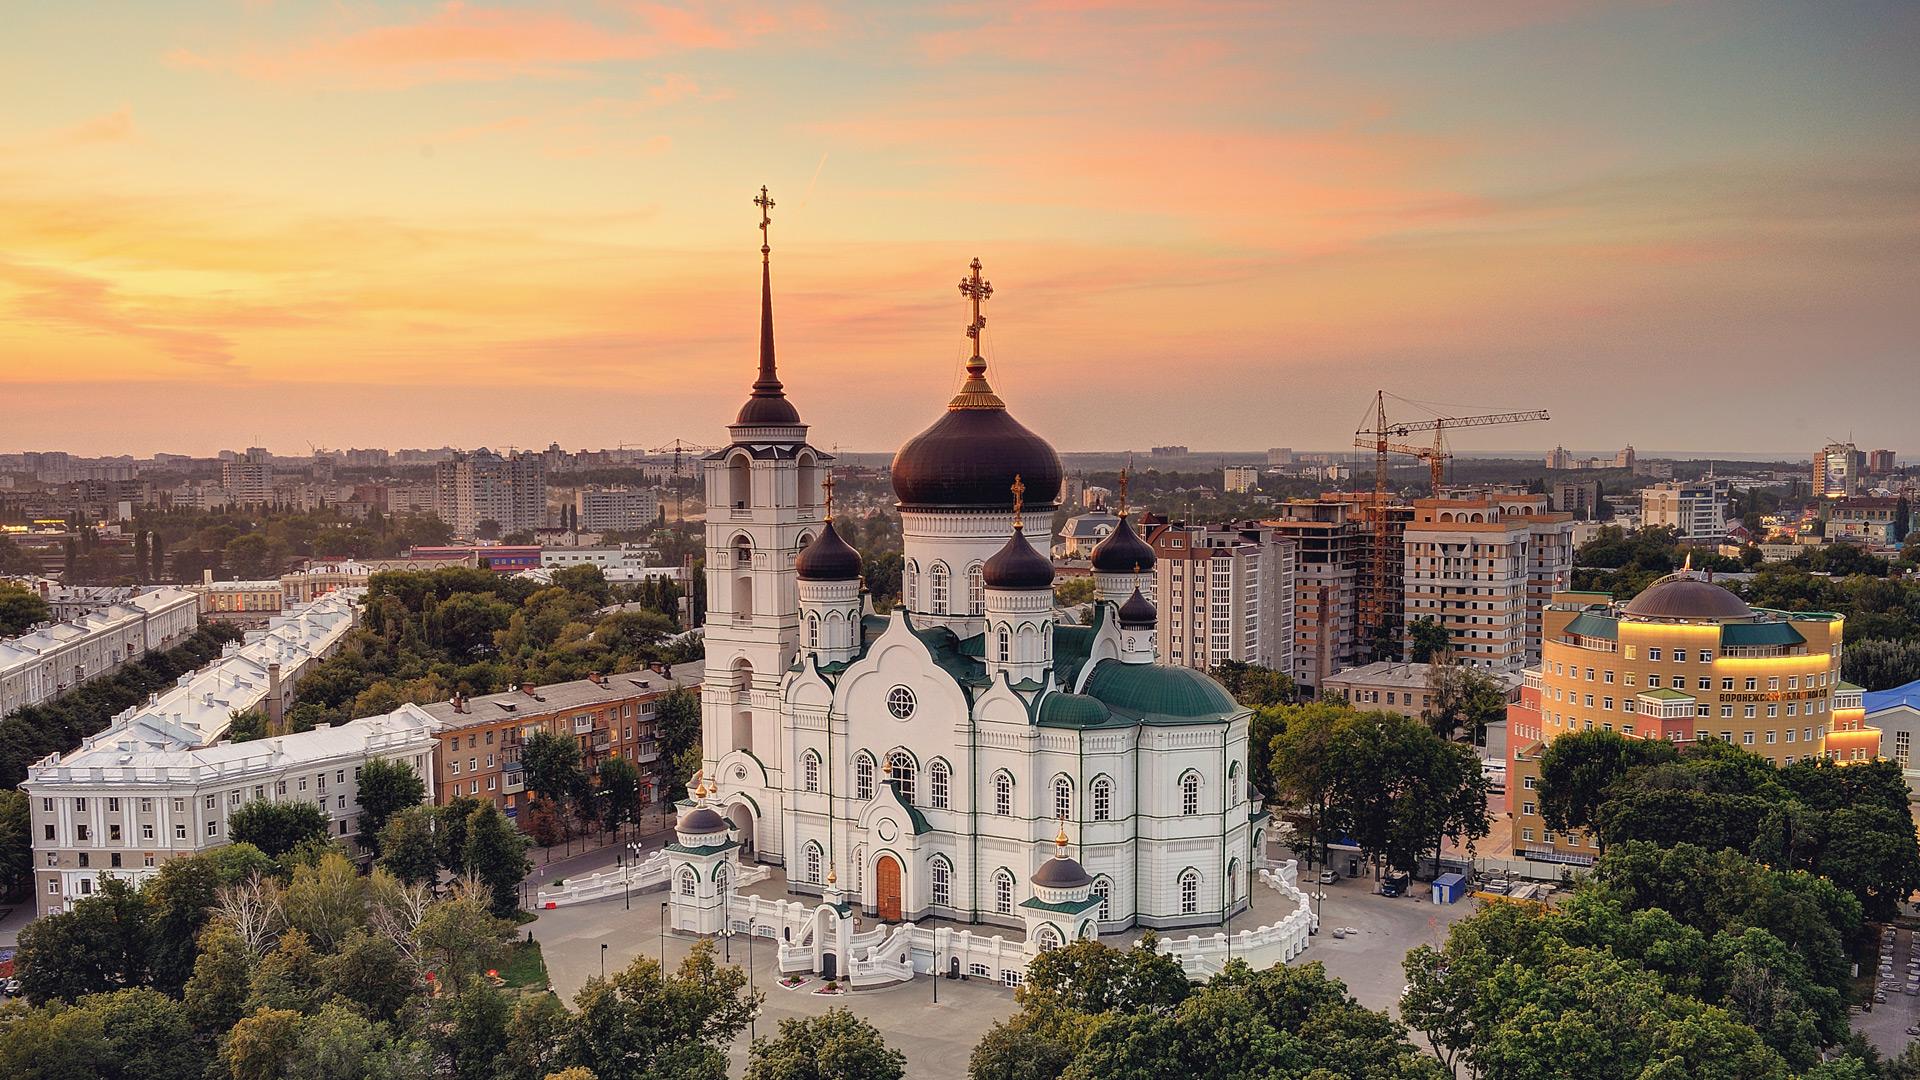 Воронеж кредит с открытыми просрочками сбербанк просрочка по кредиту 1 день штраф